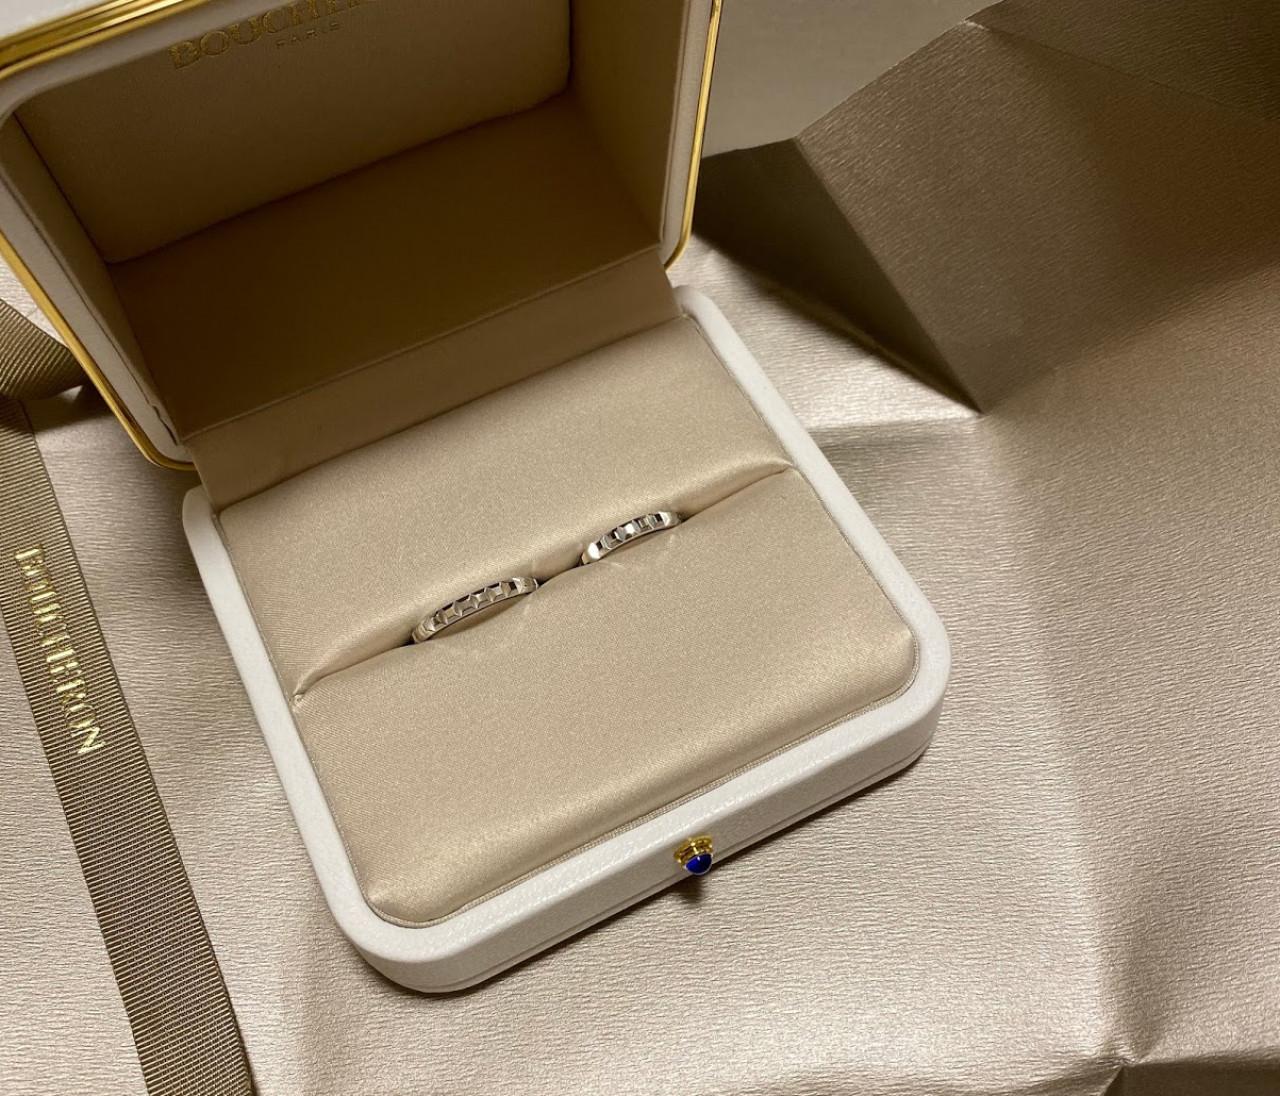 【Wedding】結婚指輪選びのこだわりポイント♡